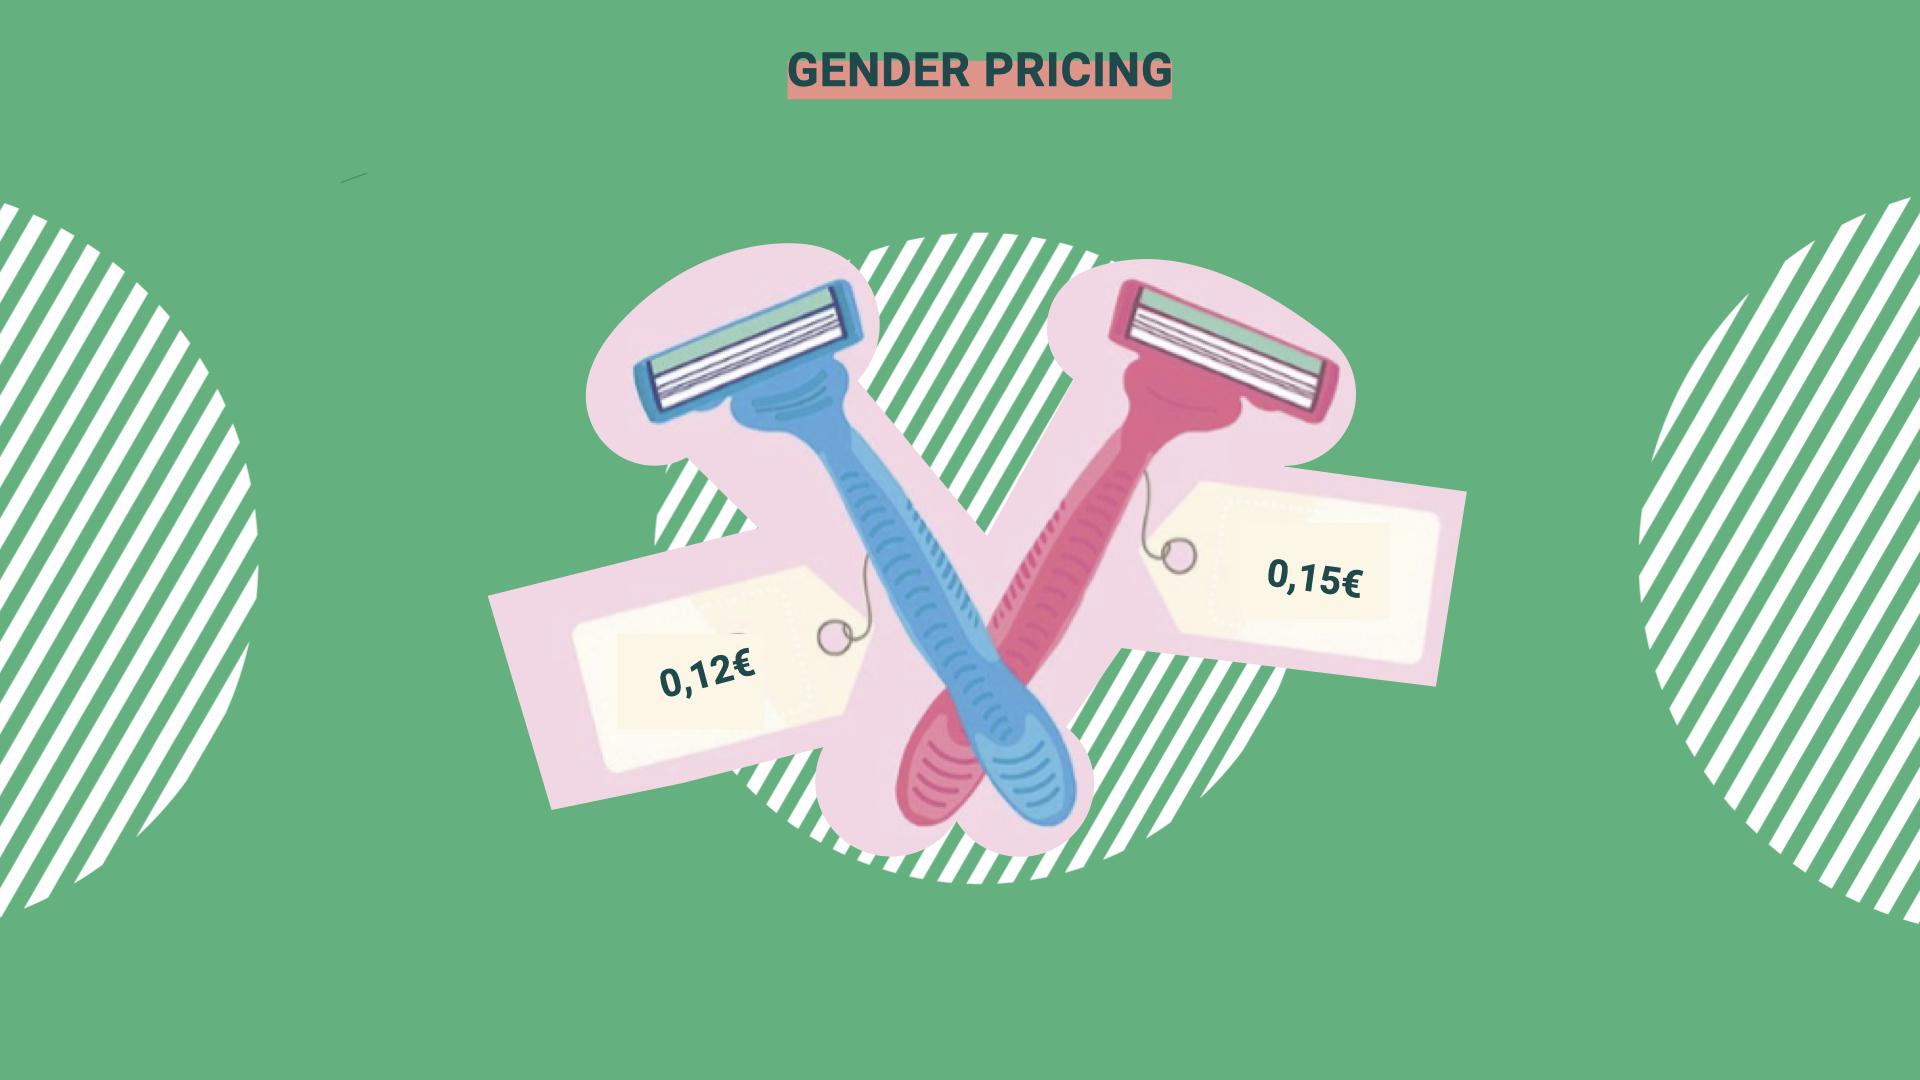 Überschrift im Bild: Gender Pricing. Darunter ist ein blauer Rasierer mit dem Preisschild: 0,12€. Und ein linker Rasierer mit dem Preisschild: 0,15€.